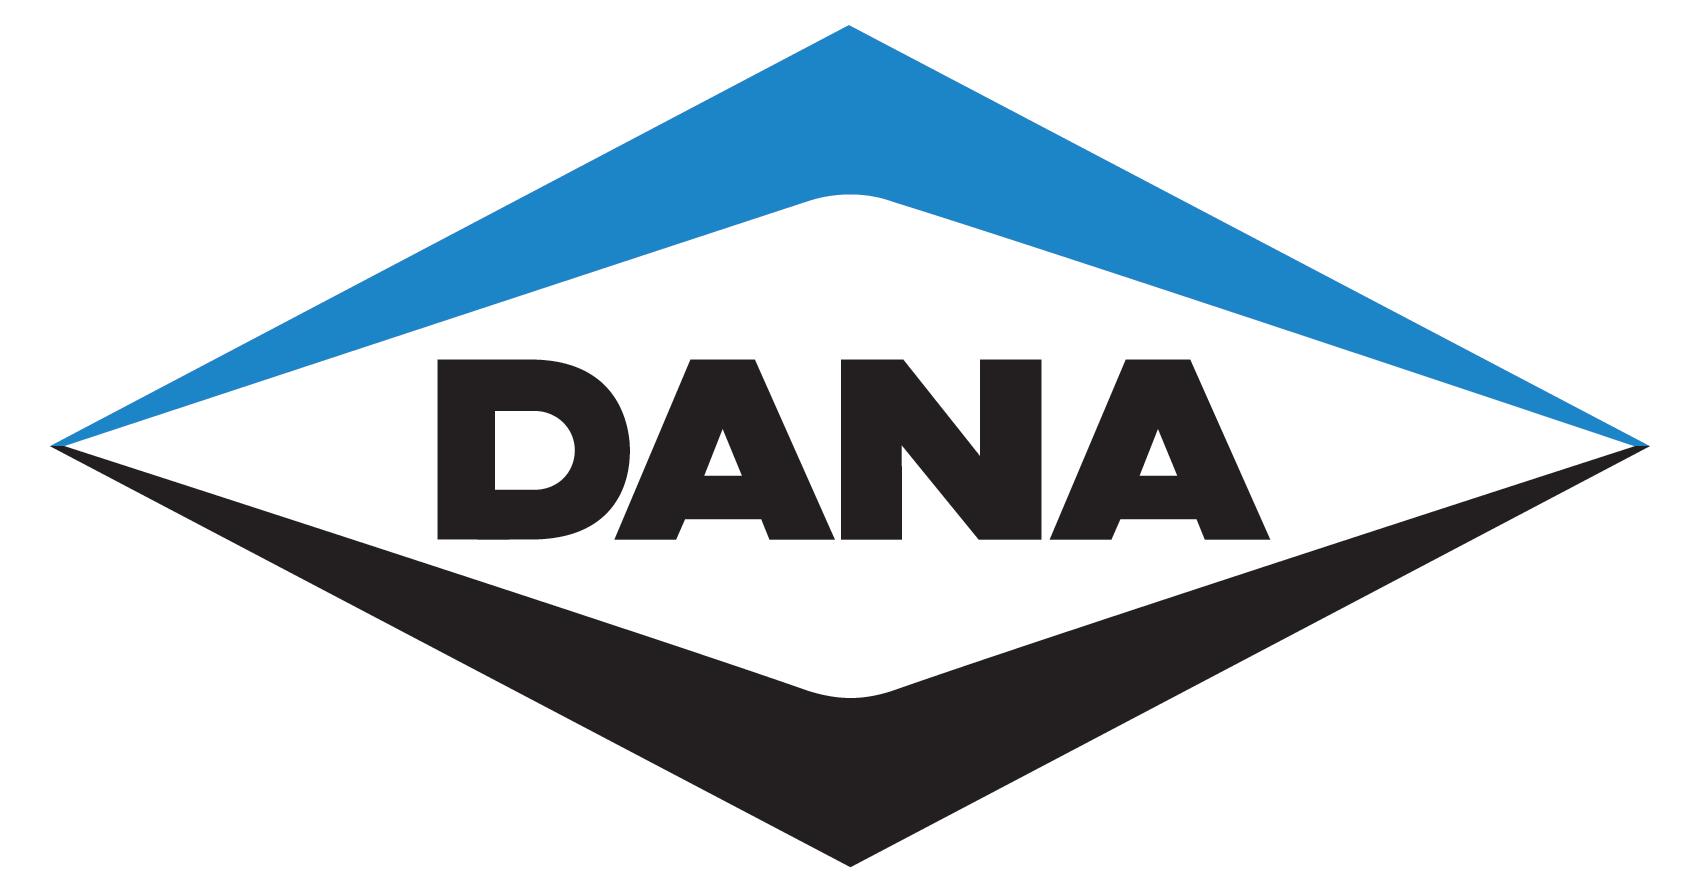 Dana a logo